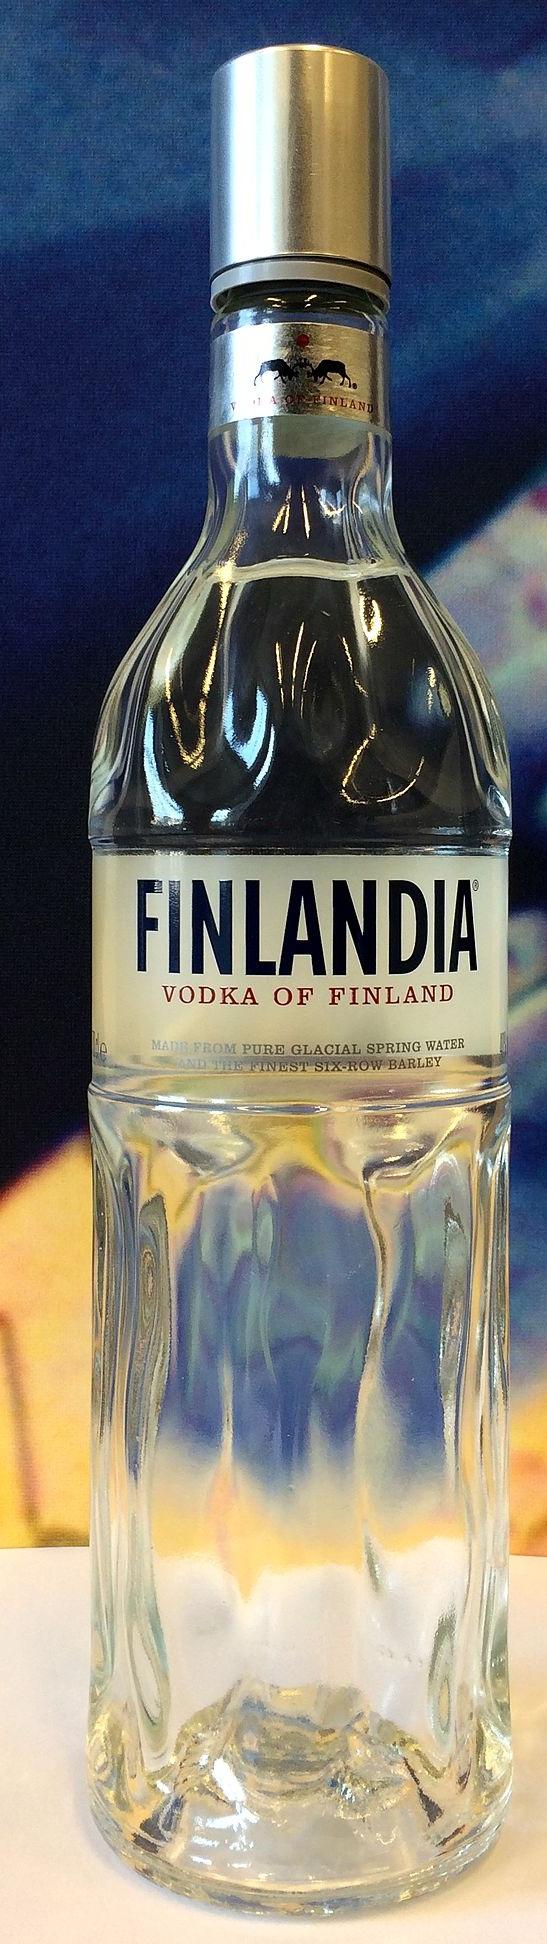 Что привезти из Финляндии 2020 в подарок, сувенир, из продуктов, выгодные товары на заказ. Фото